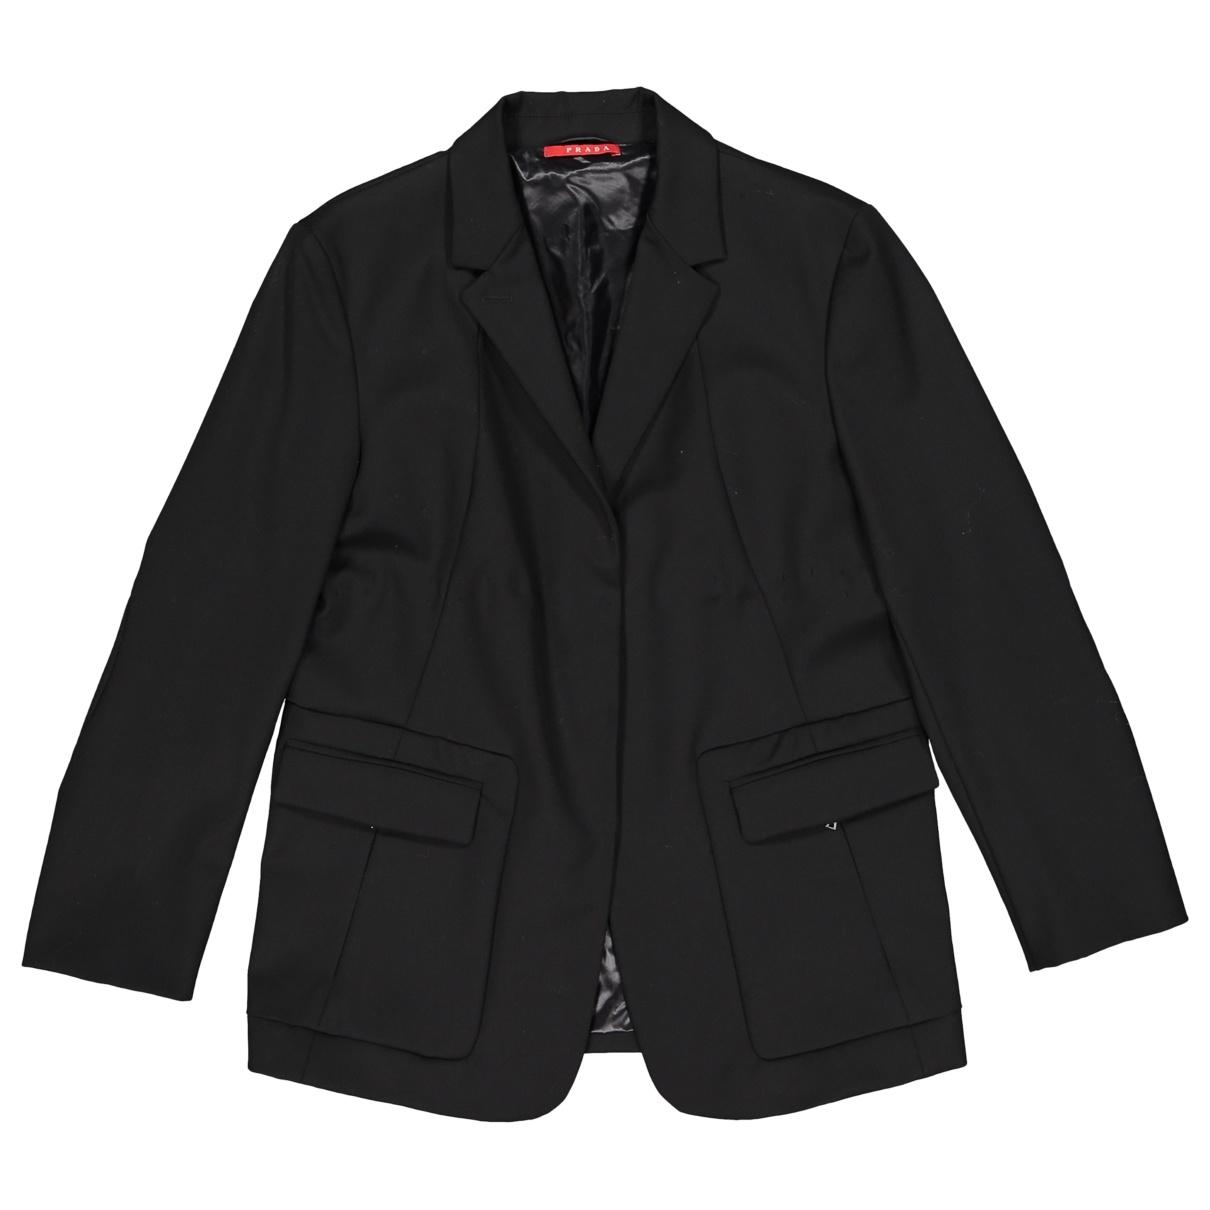 Prada \N Black Wool jacket for Women 44 IT